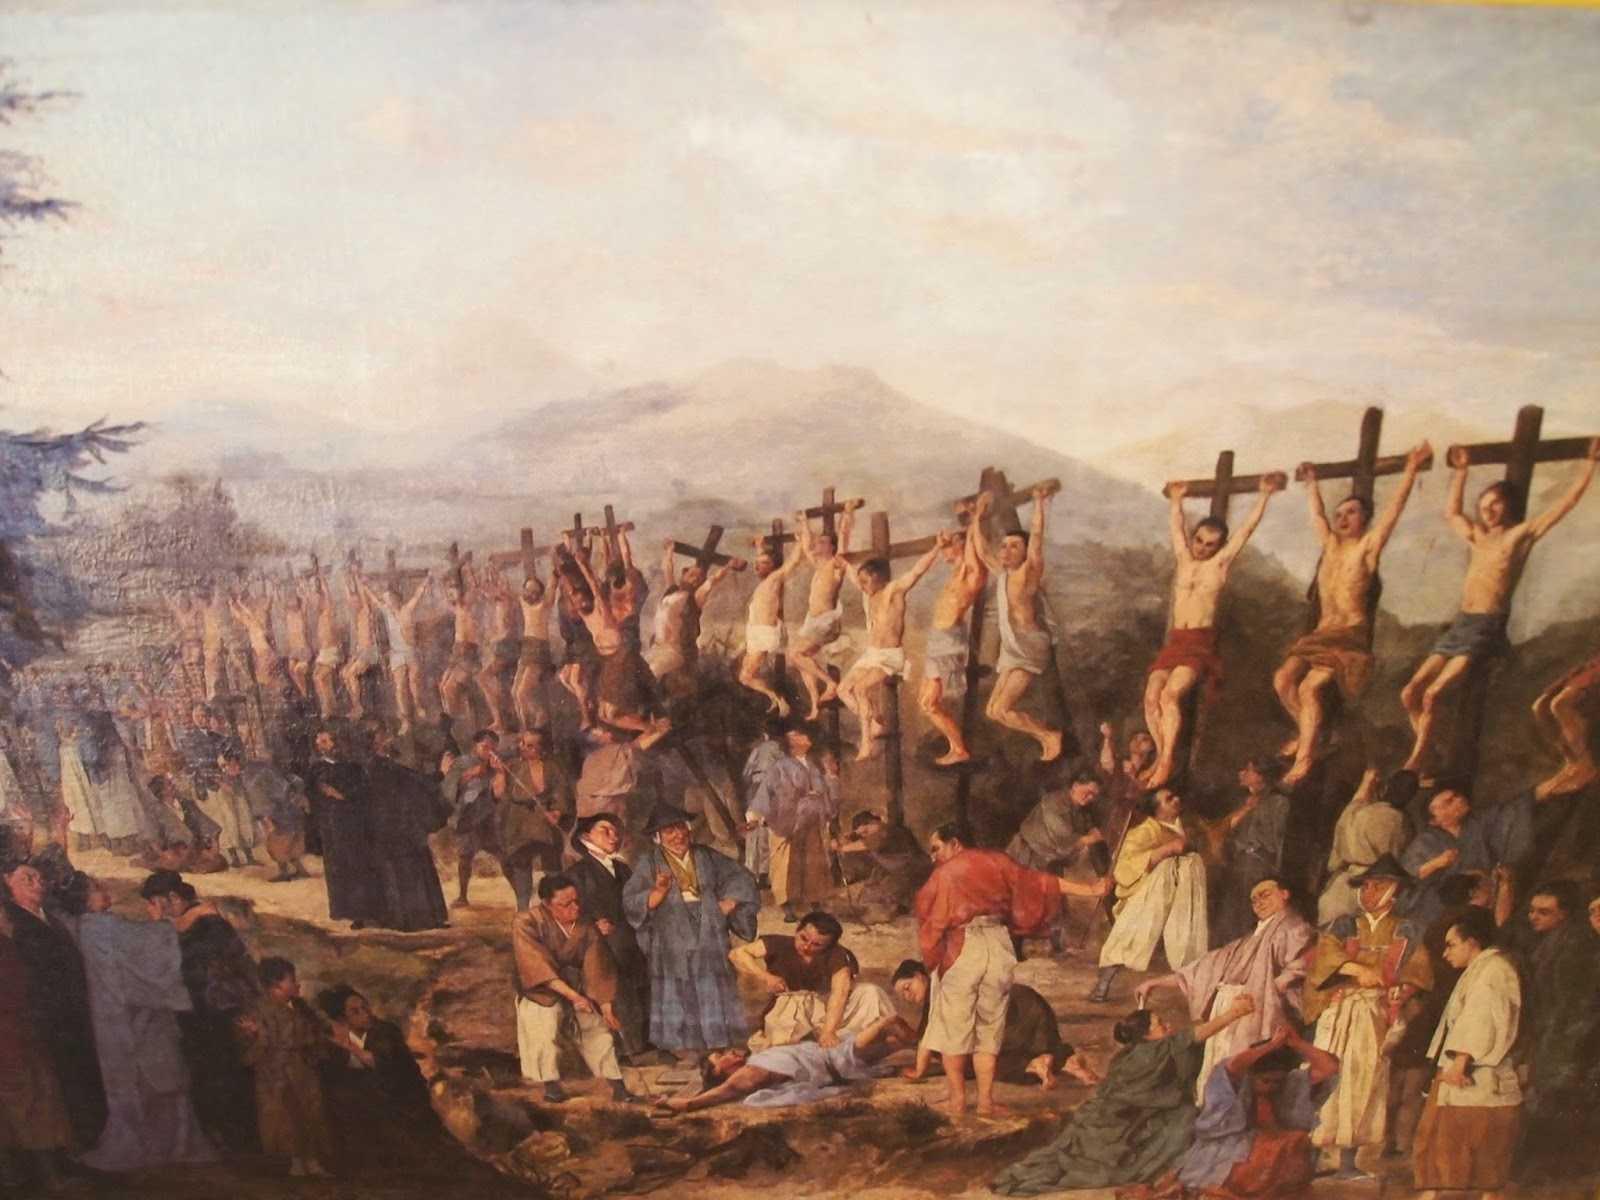 6 февраля. Святые Павел Мики, священник, и его сподвижники, мученики. Память 2